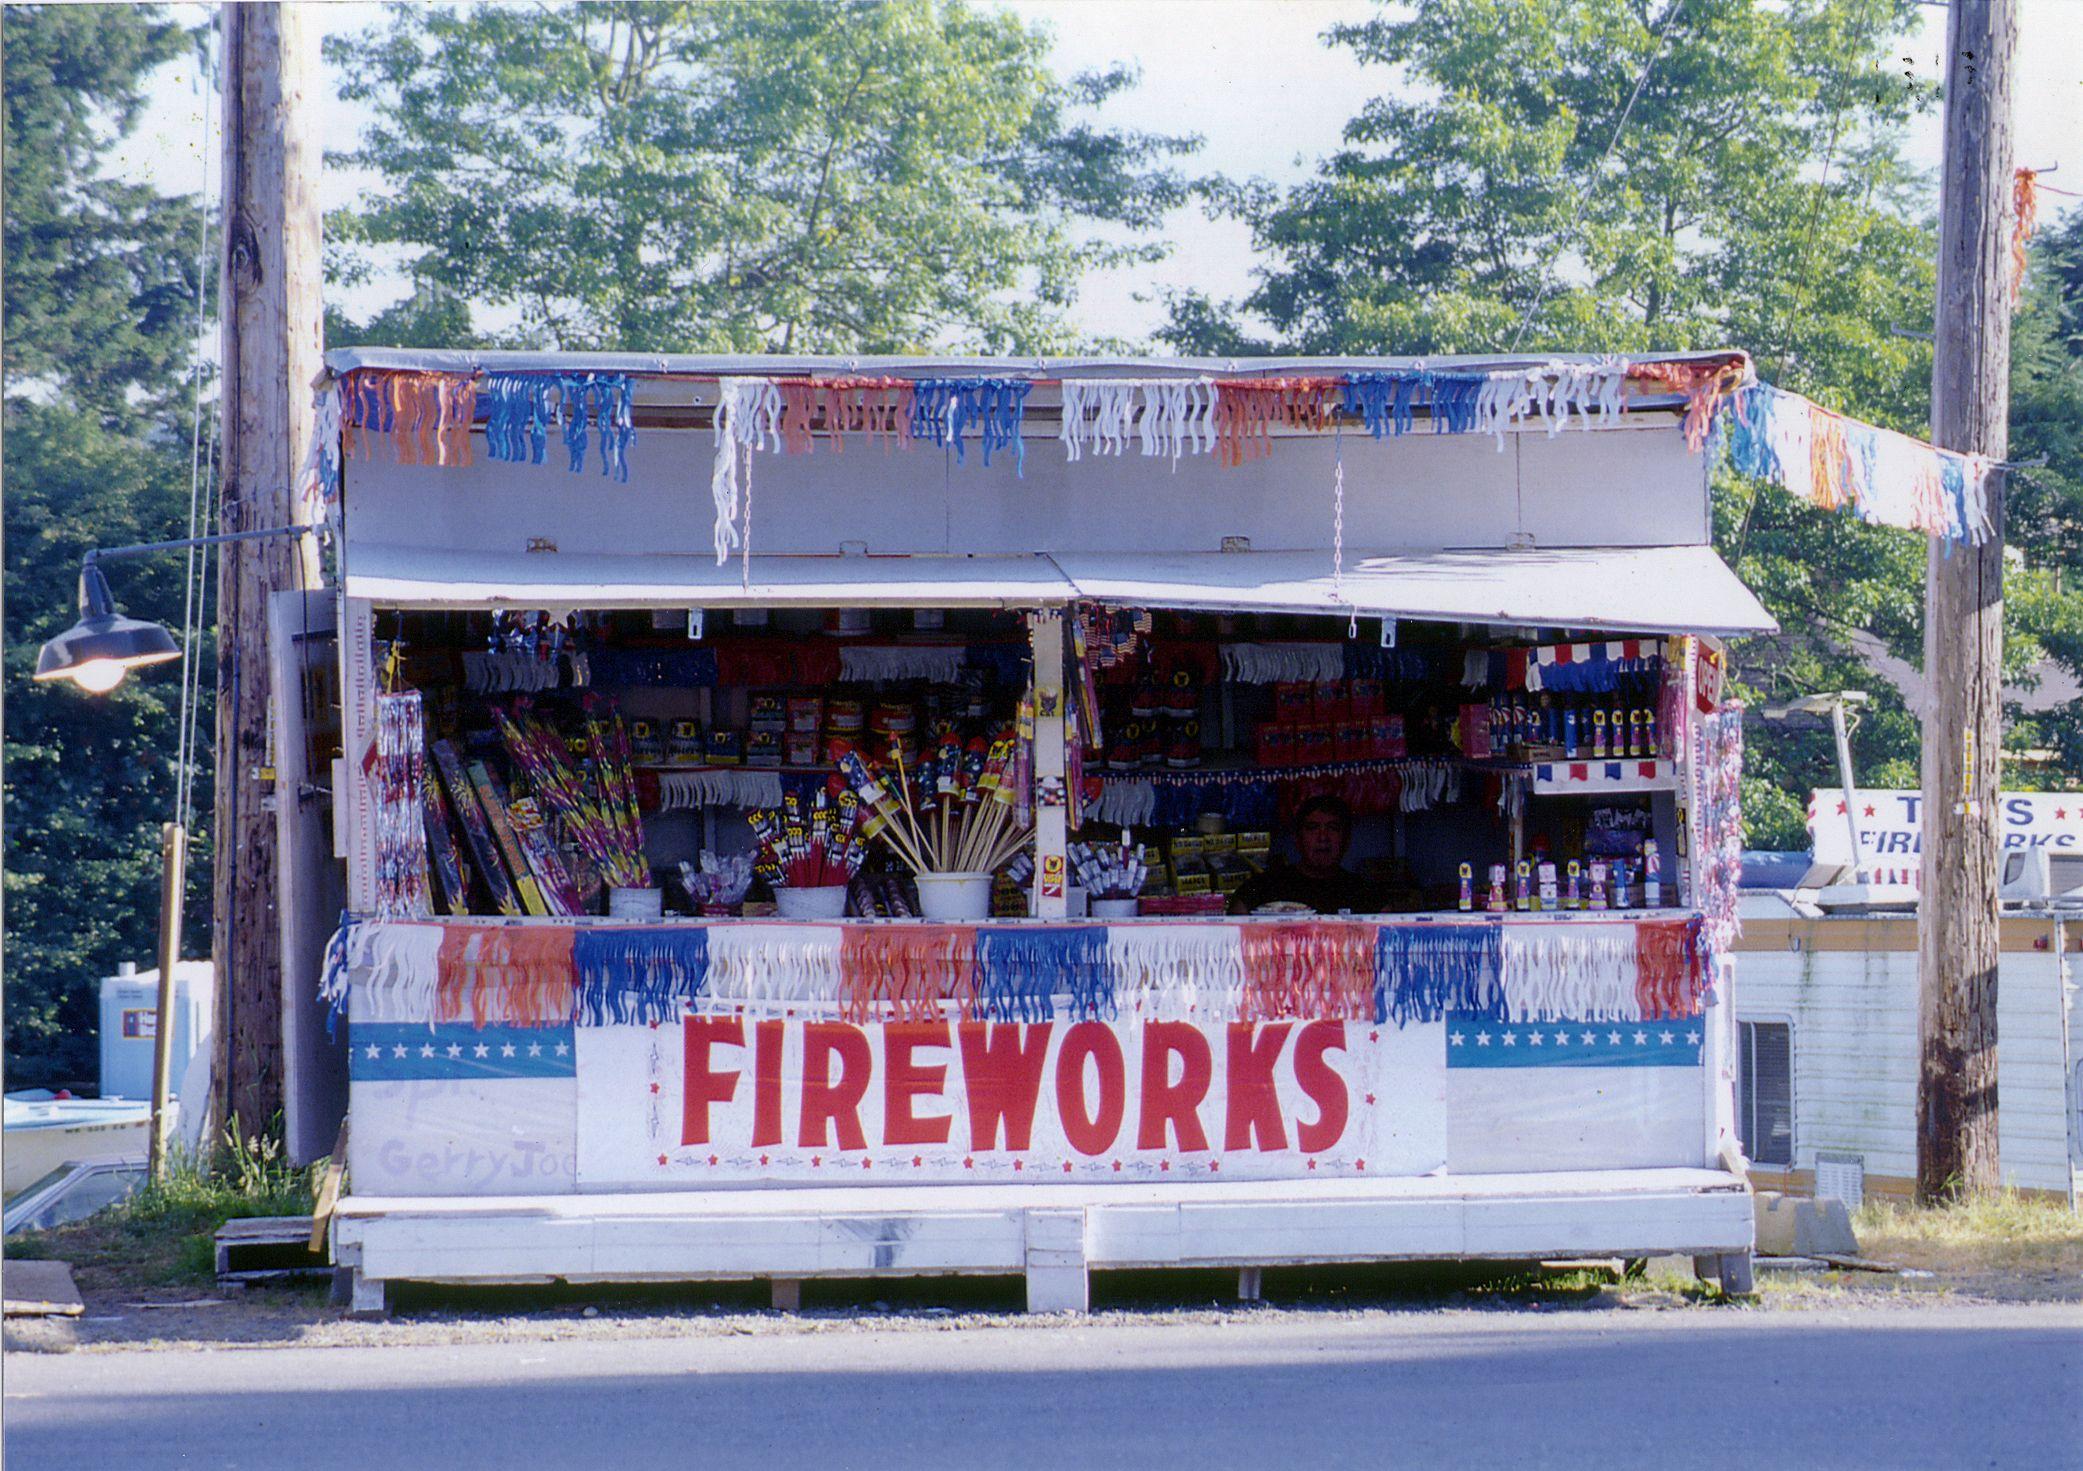 firework stands up u0026 down main street & firework stands up u0026 down main street | Itu0027s The Most Wonderful ...